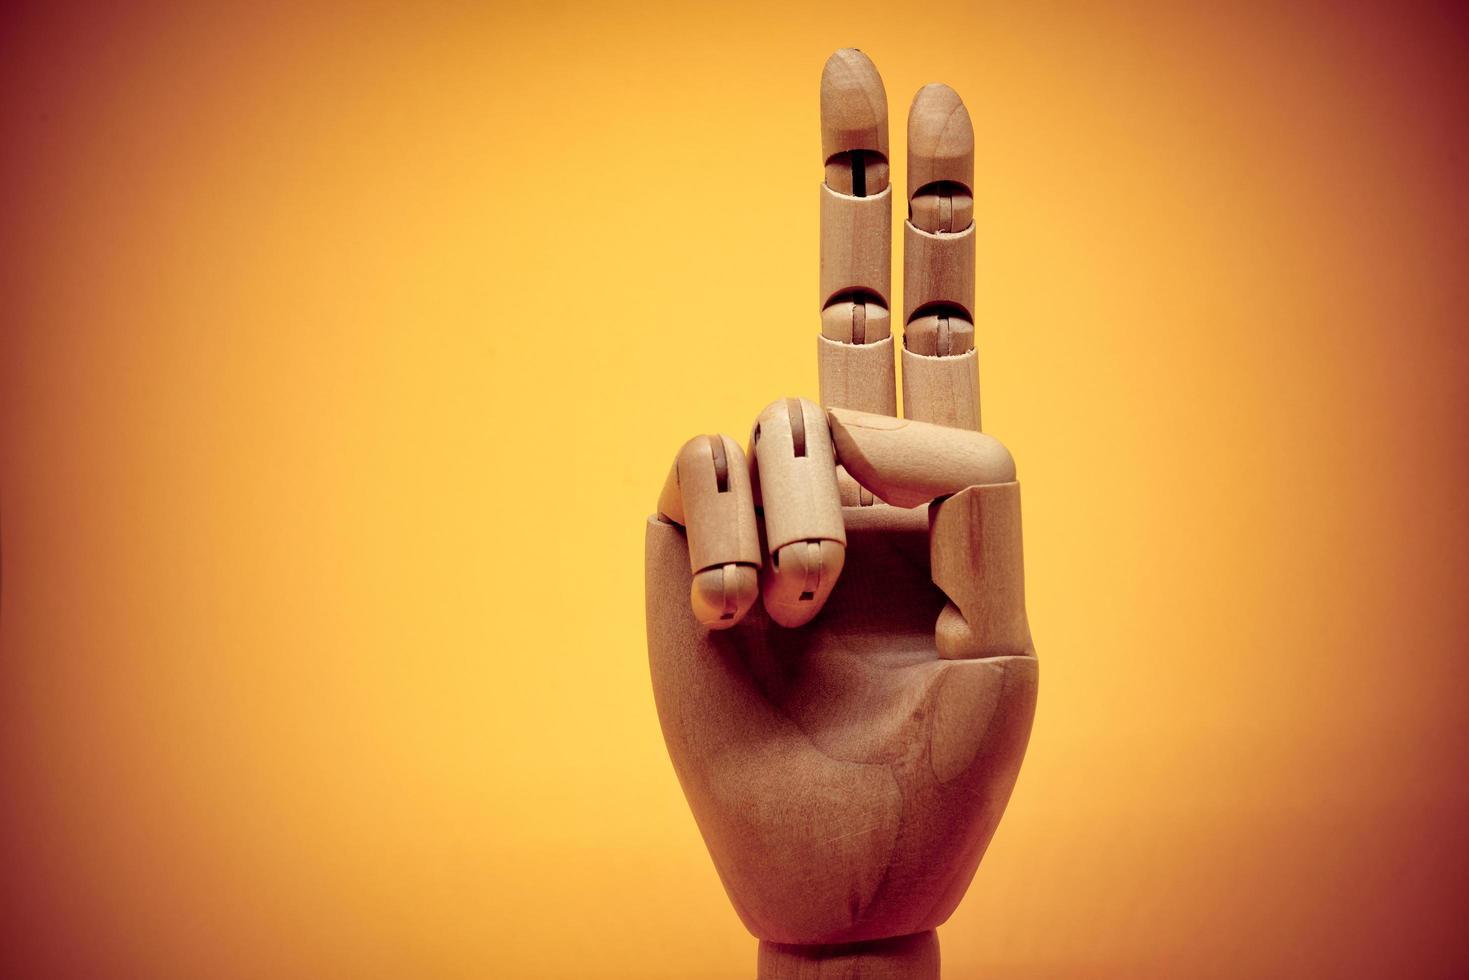 Holzhand zeigt mit 2 Fingern foto